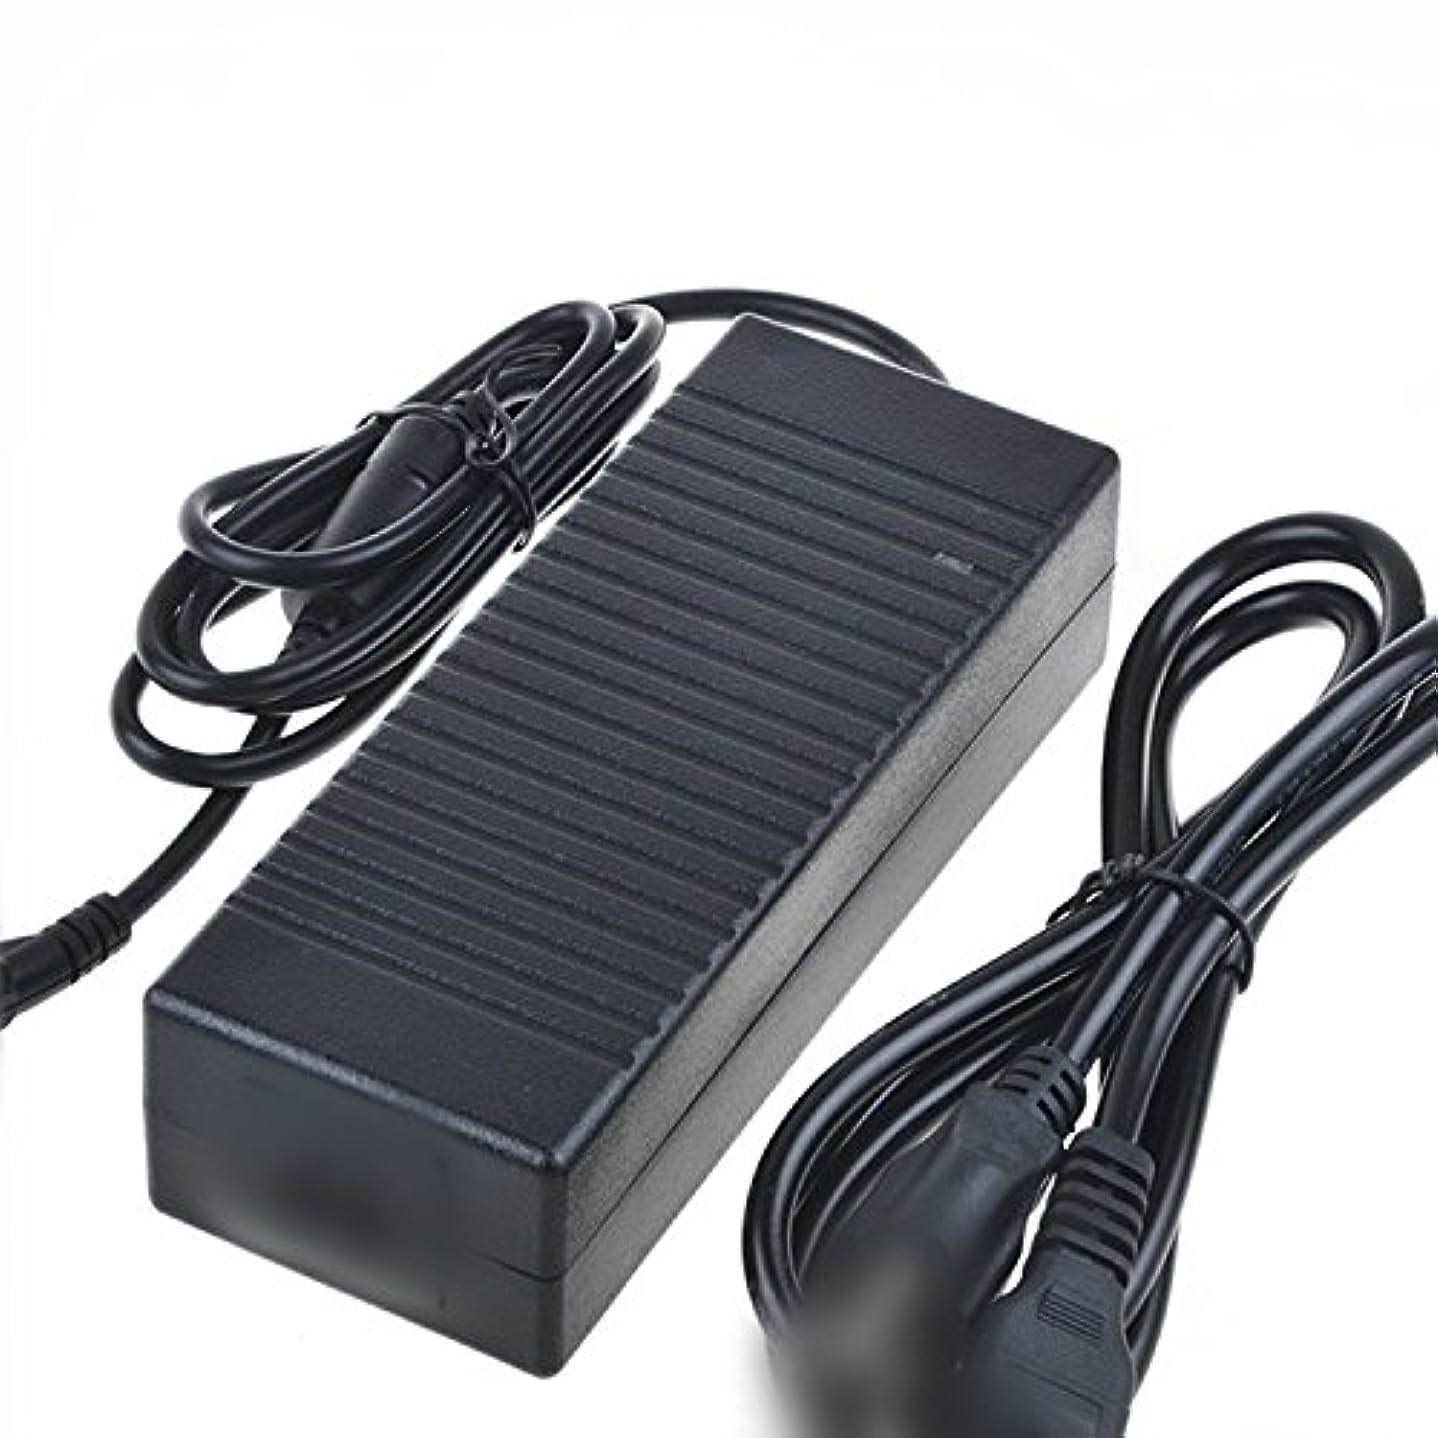 名前でデッドロック不調和アクセサリーUSA AC DCアダプタfor APD da-150?C19アジア電源デバイスInc。電源供給コード